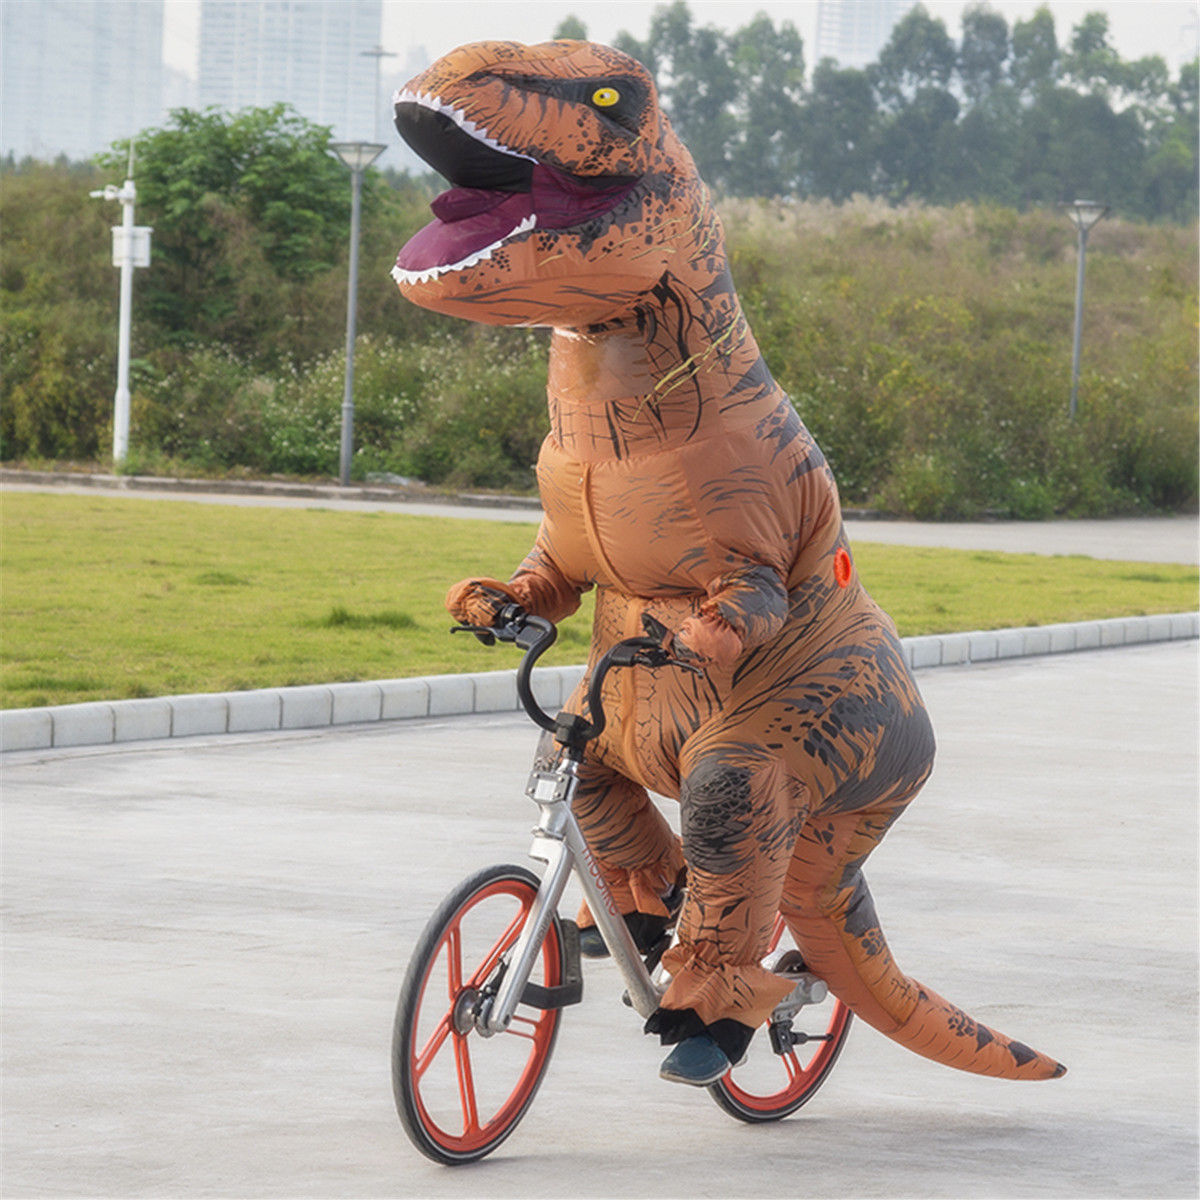 7Ft Inflatable Dinosaur Costume Jumpsuit Blowup Dress Suit Halloween Fancy  Party 16b7473080c5